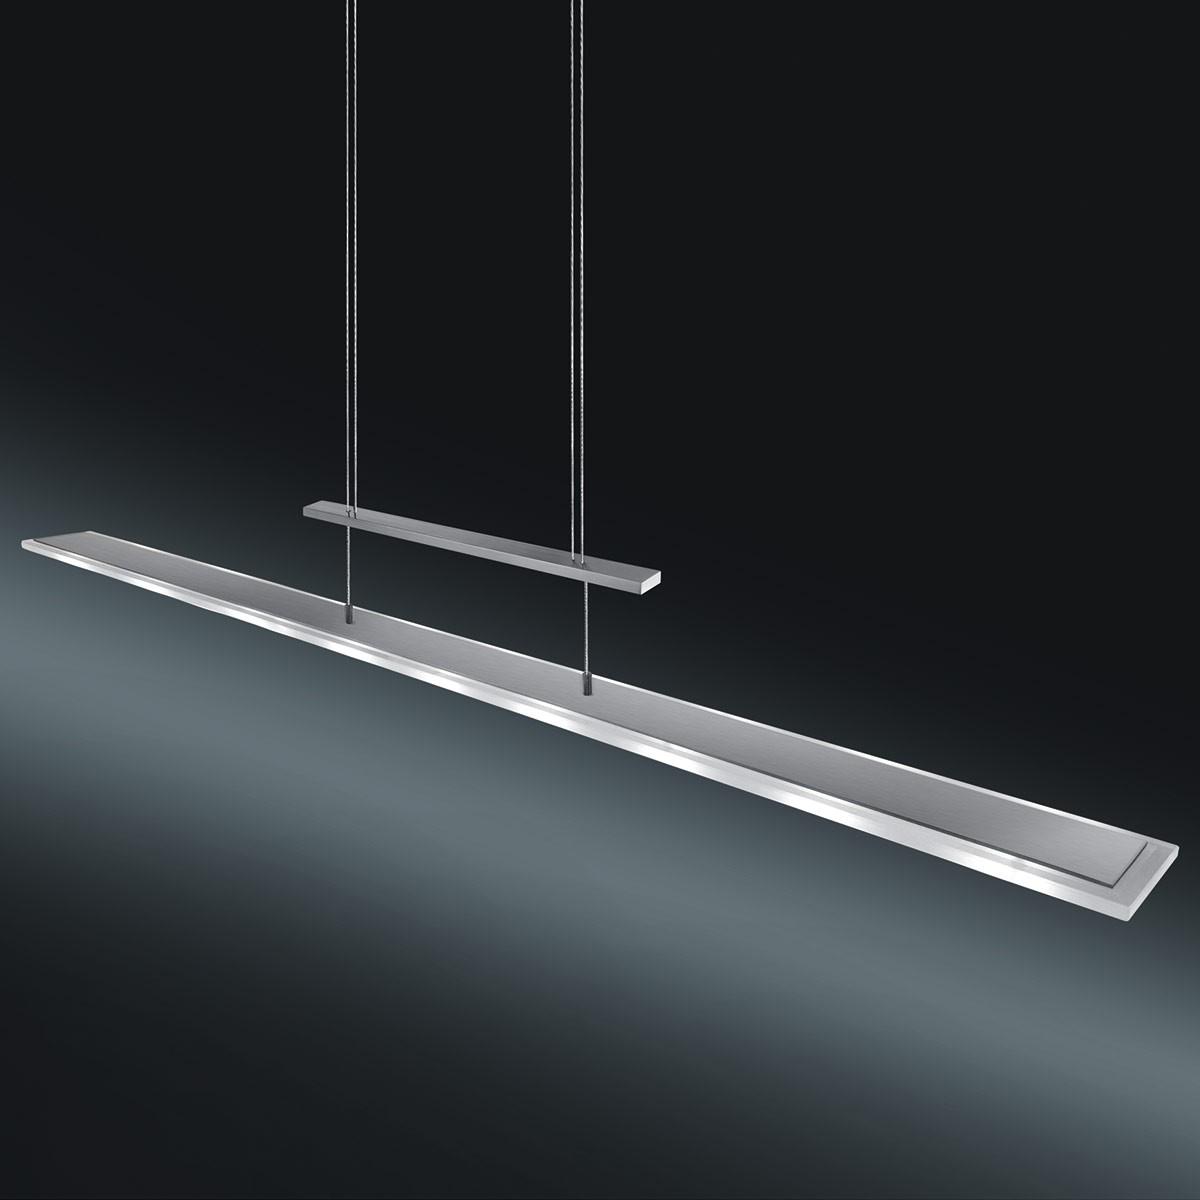 Helestra Antea Pendelleuchte, Edelstahl / Glas teilsatiniert, Länge: 130 cm